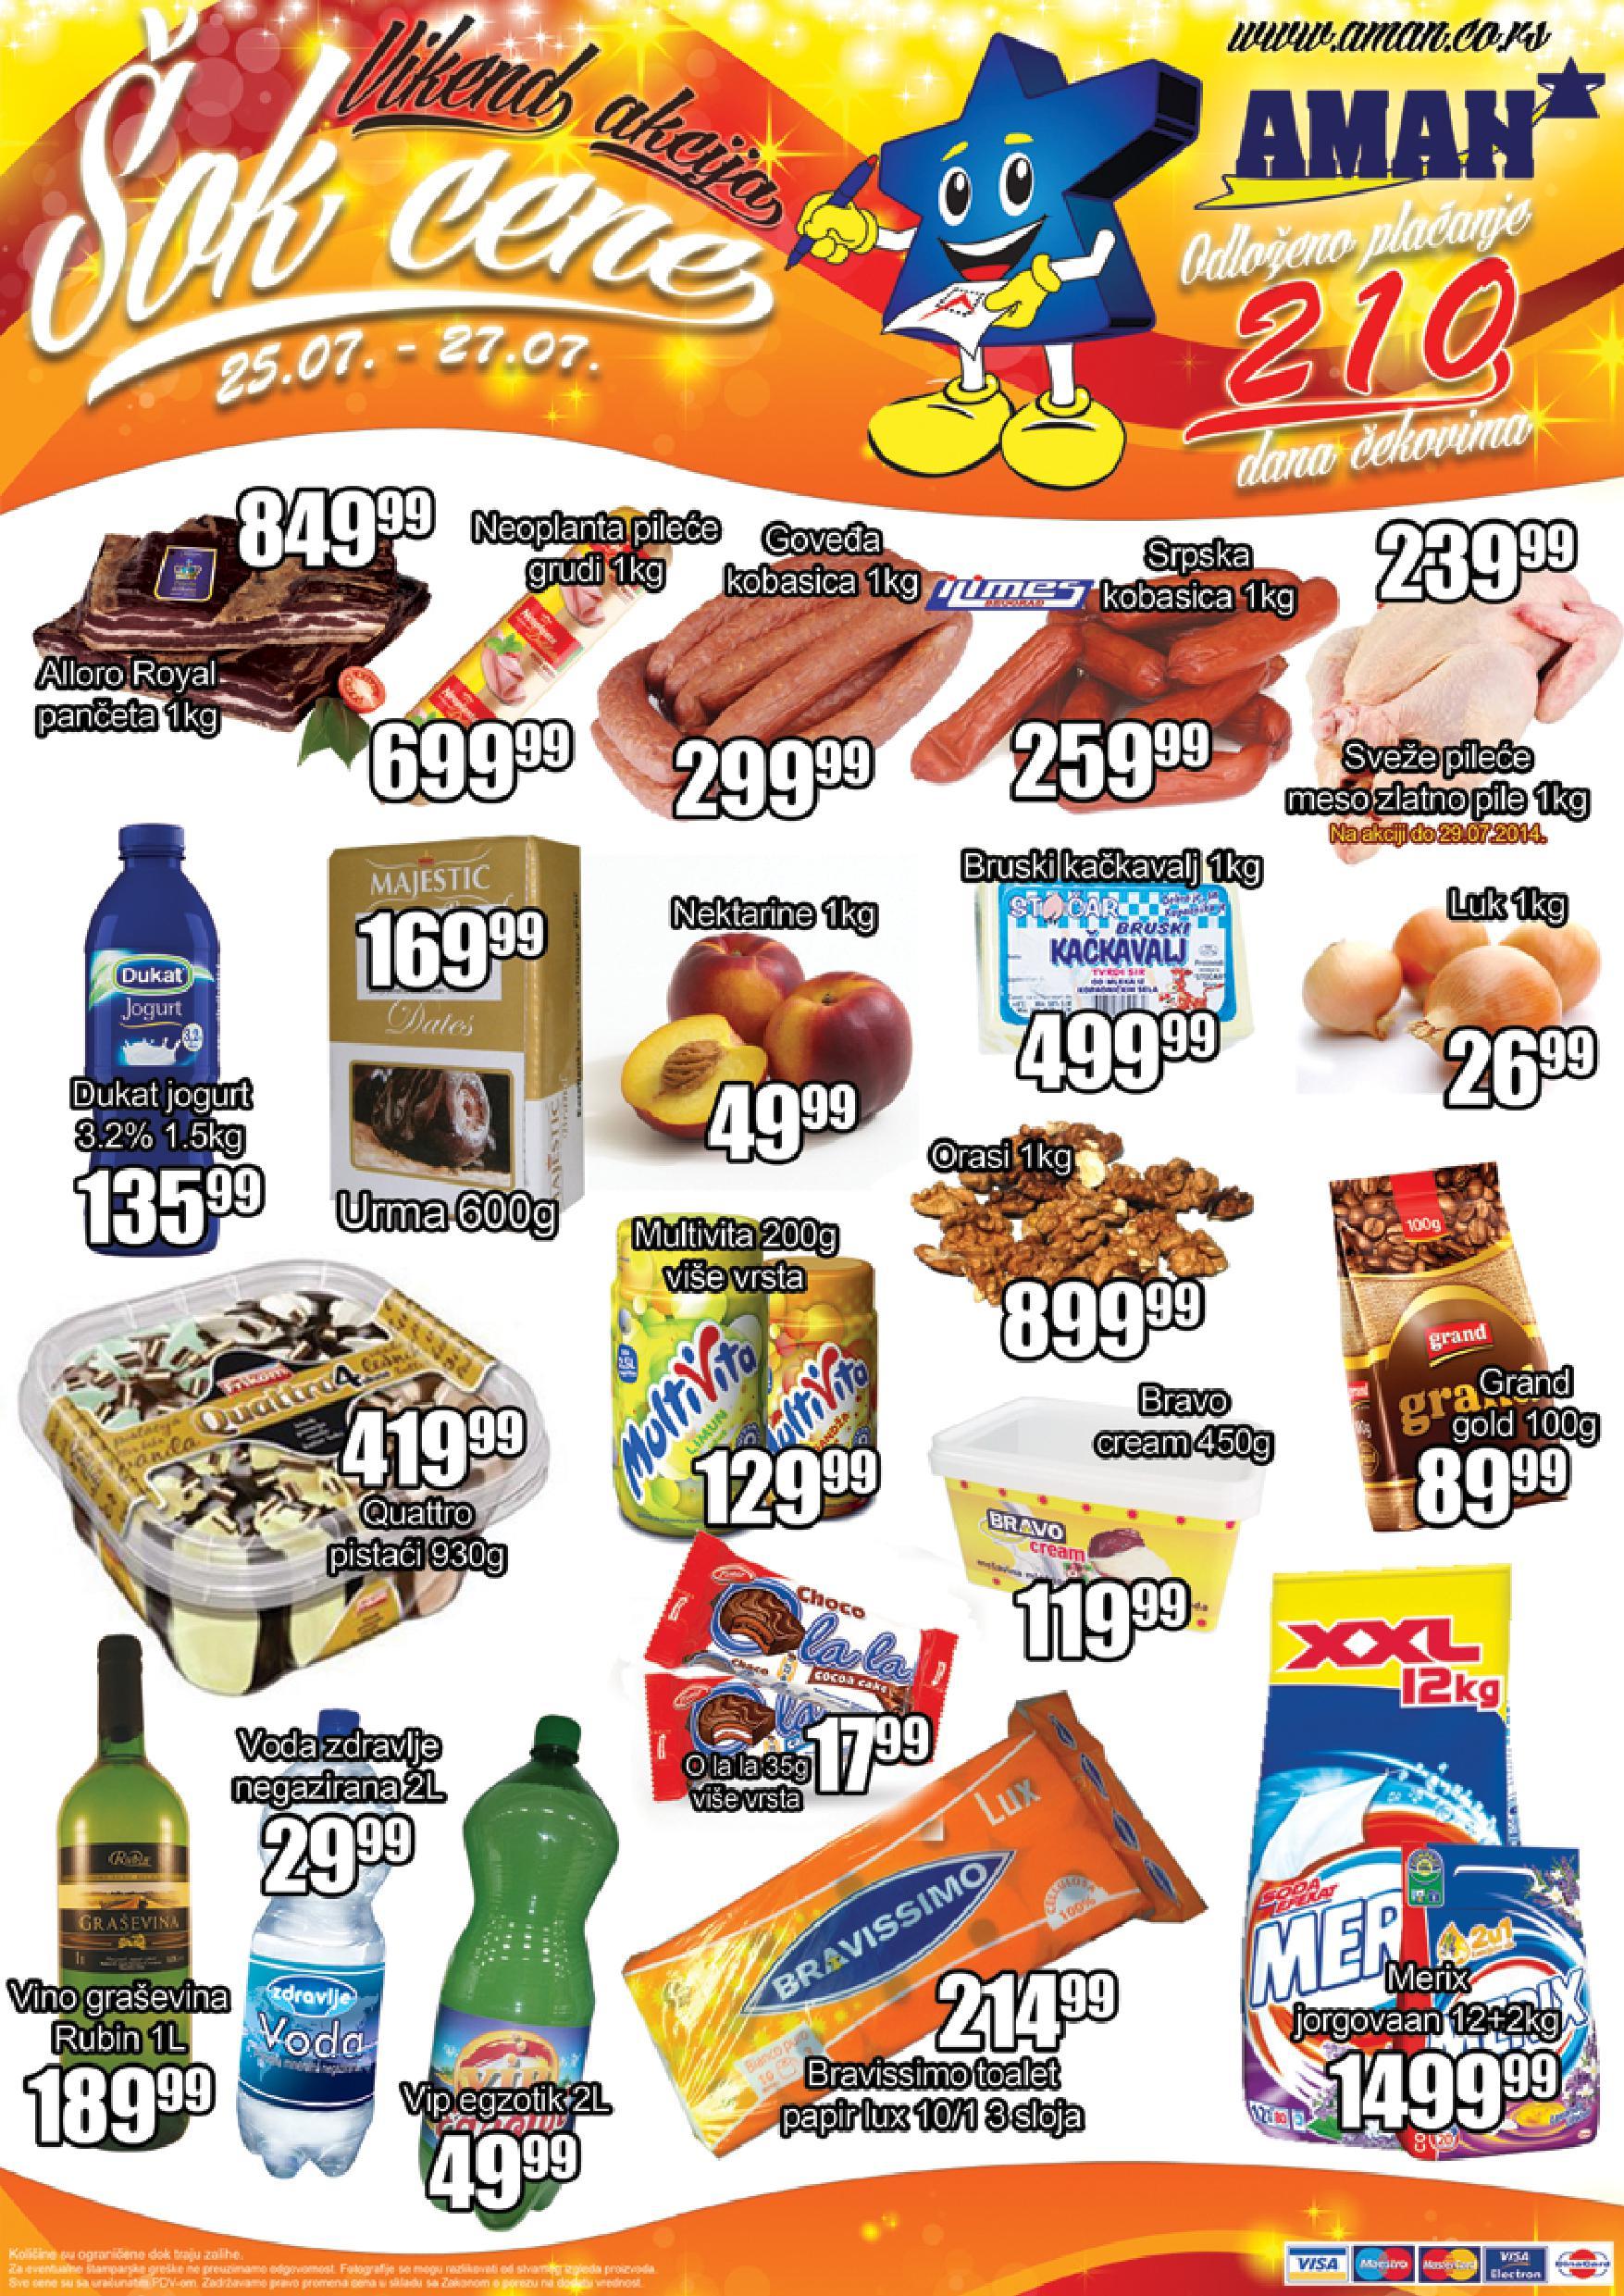 Aman akcija vikend super cena je sprmna